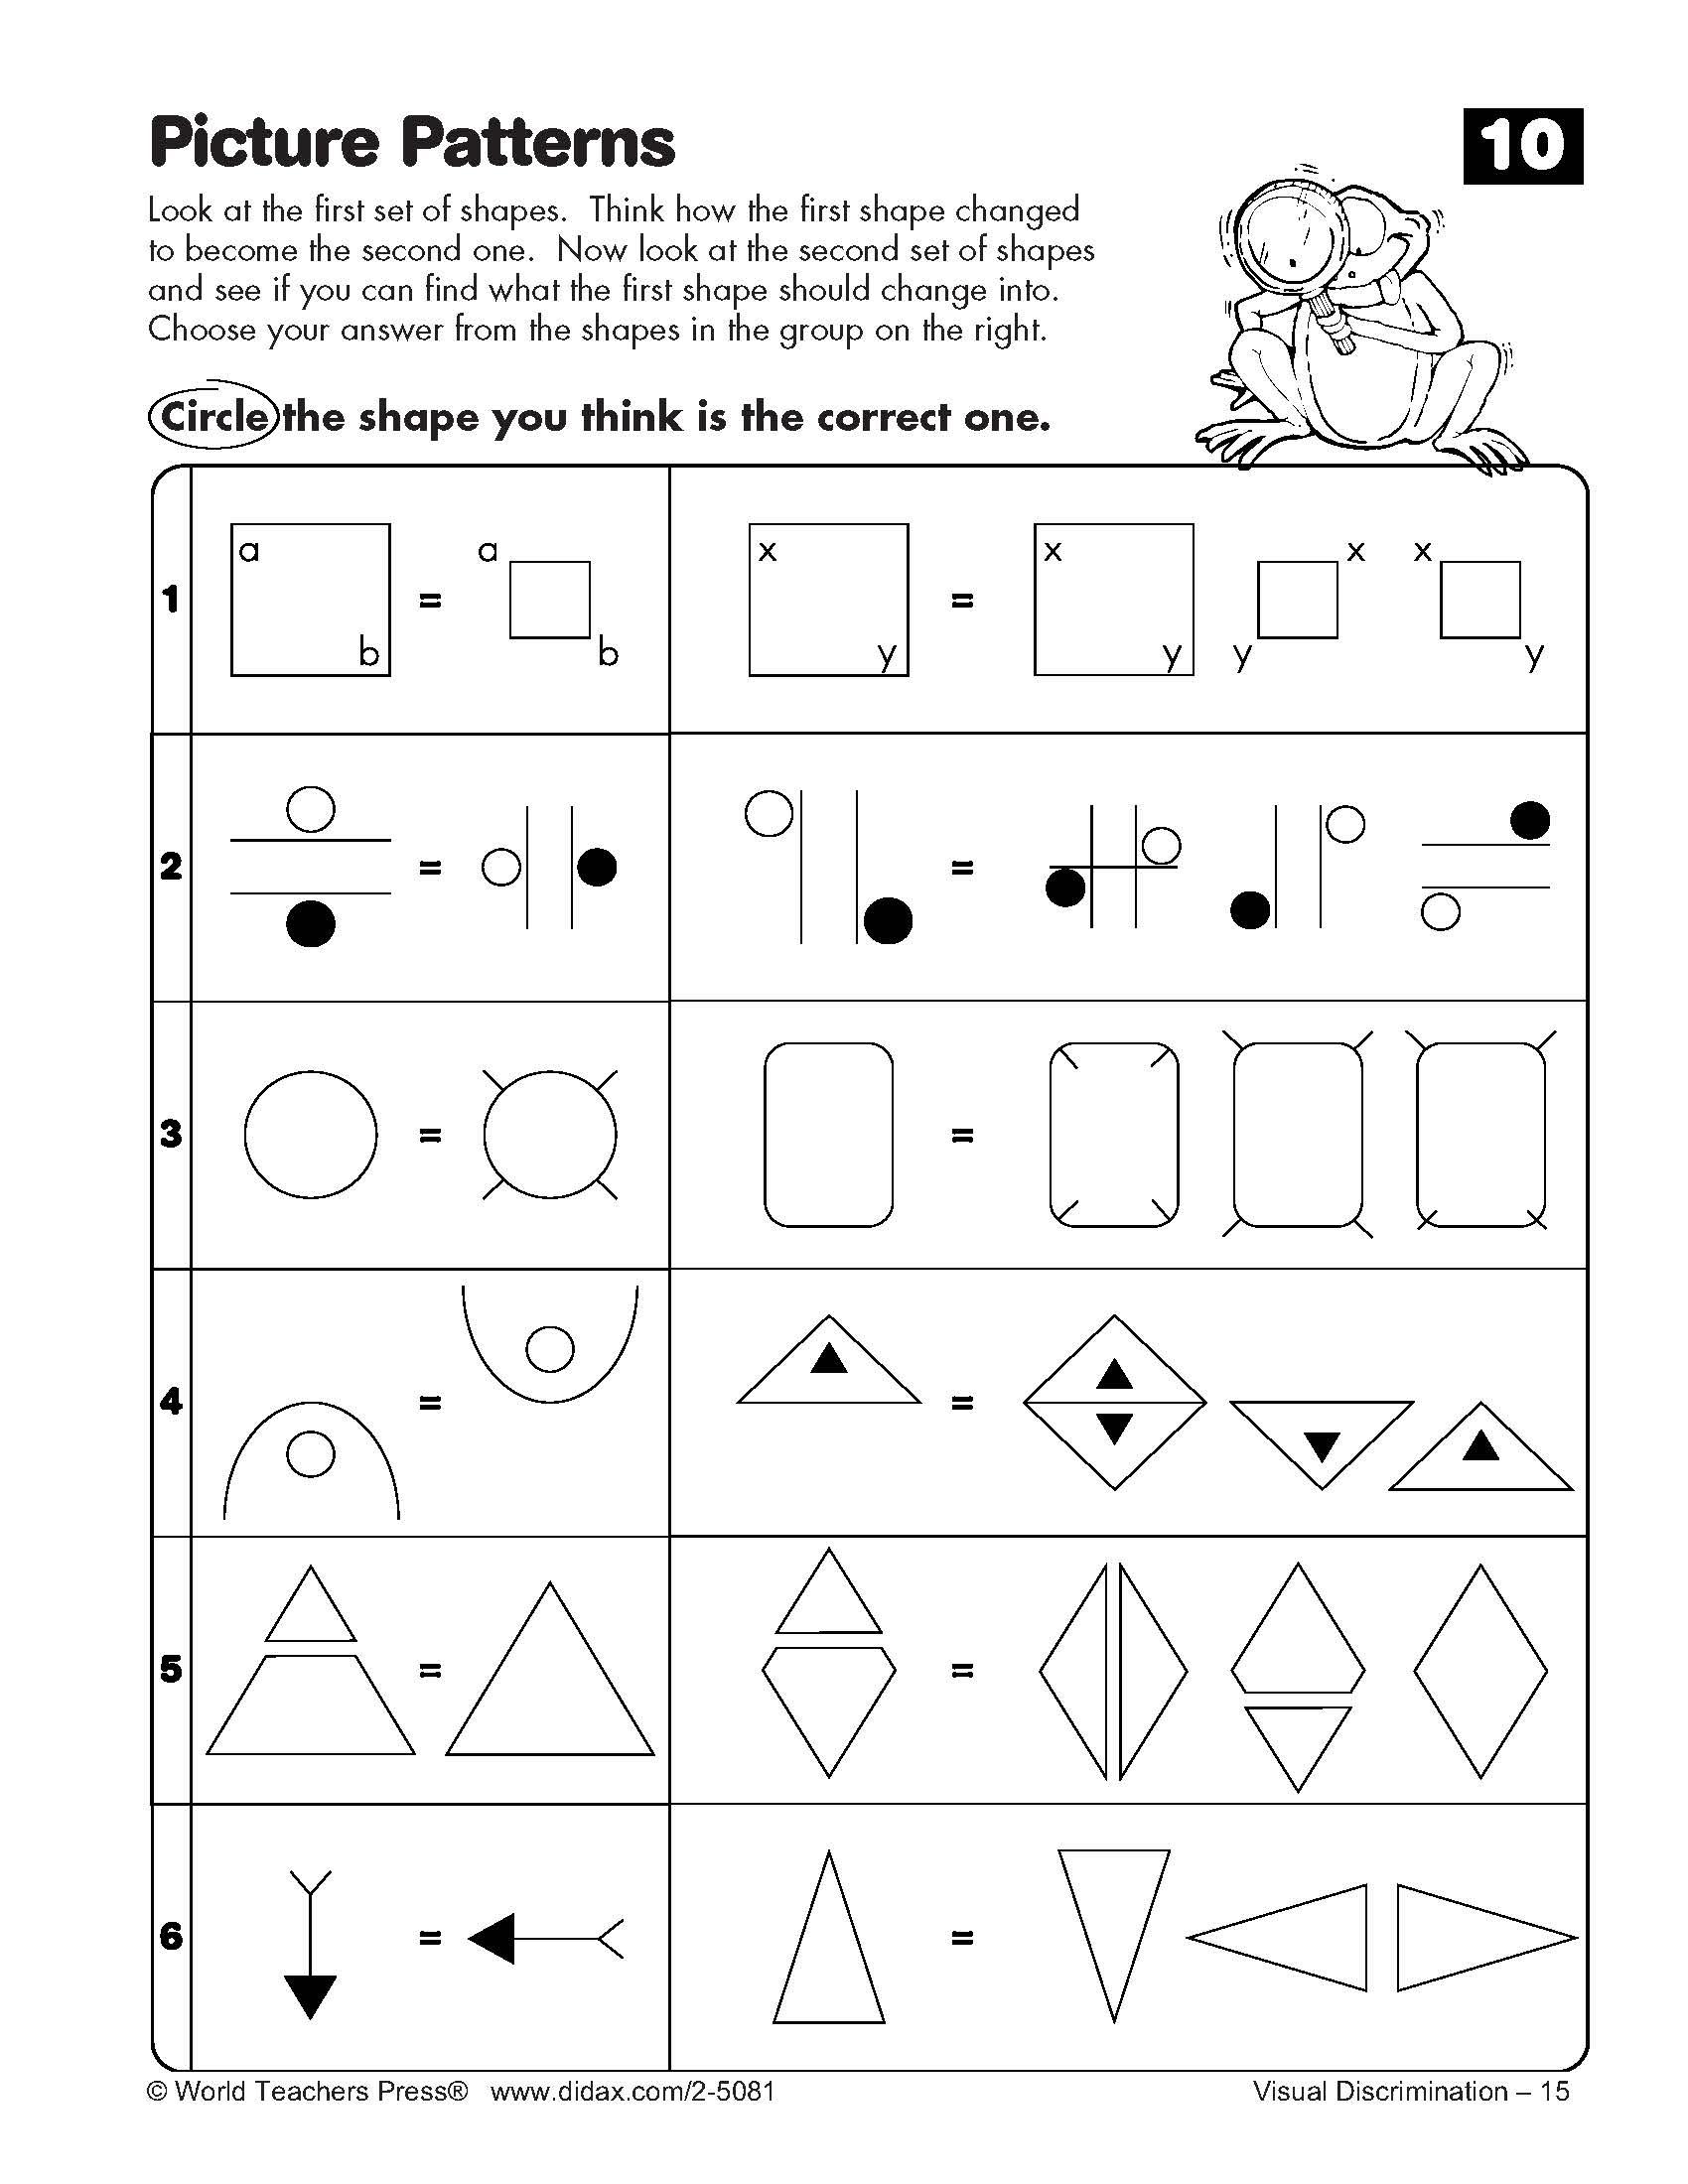 7 Best Images of Cognitive Skills Worksheets Printable ...